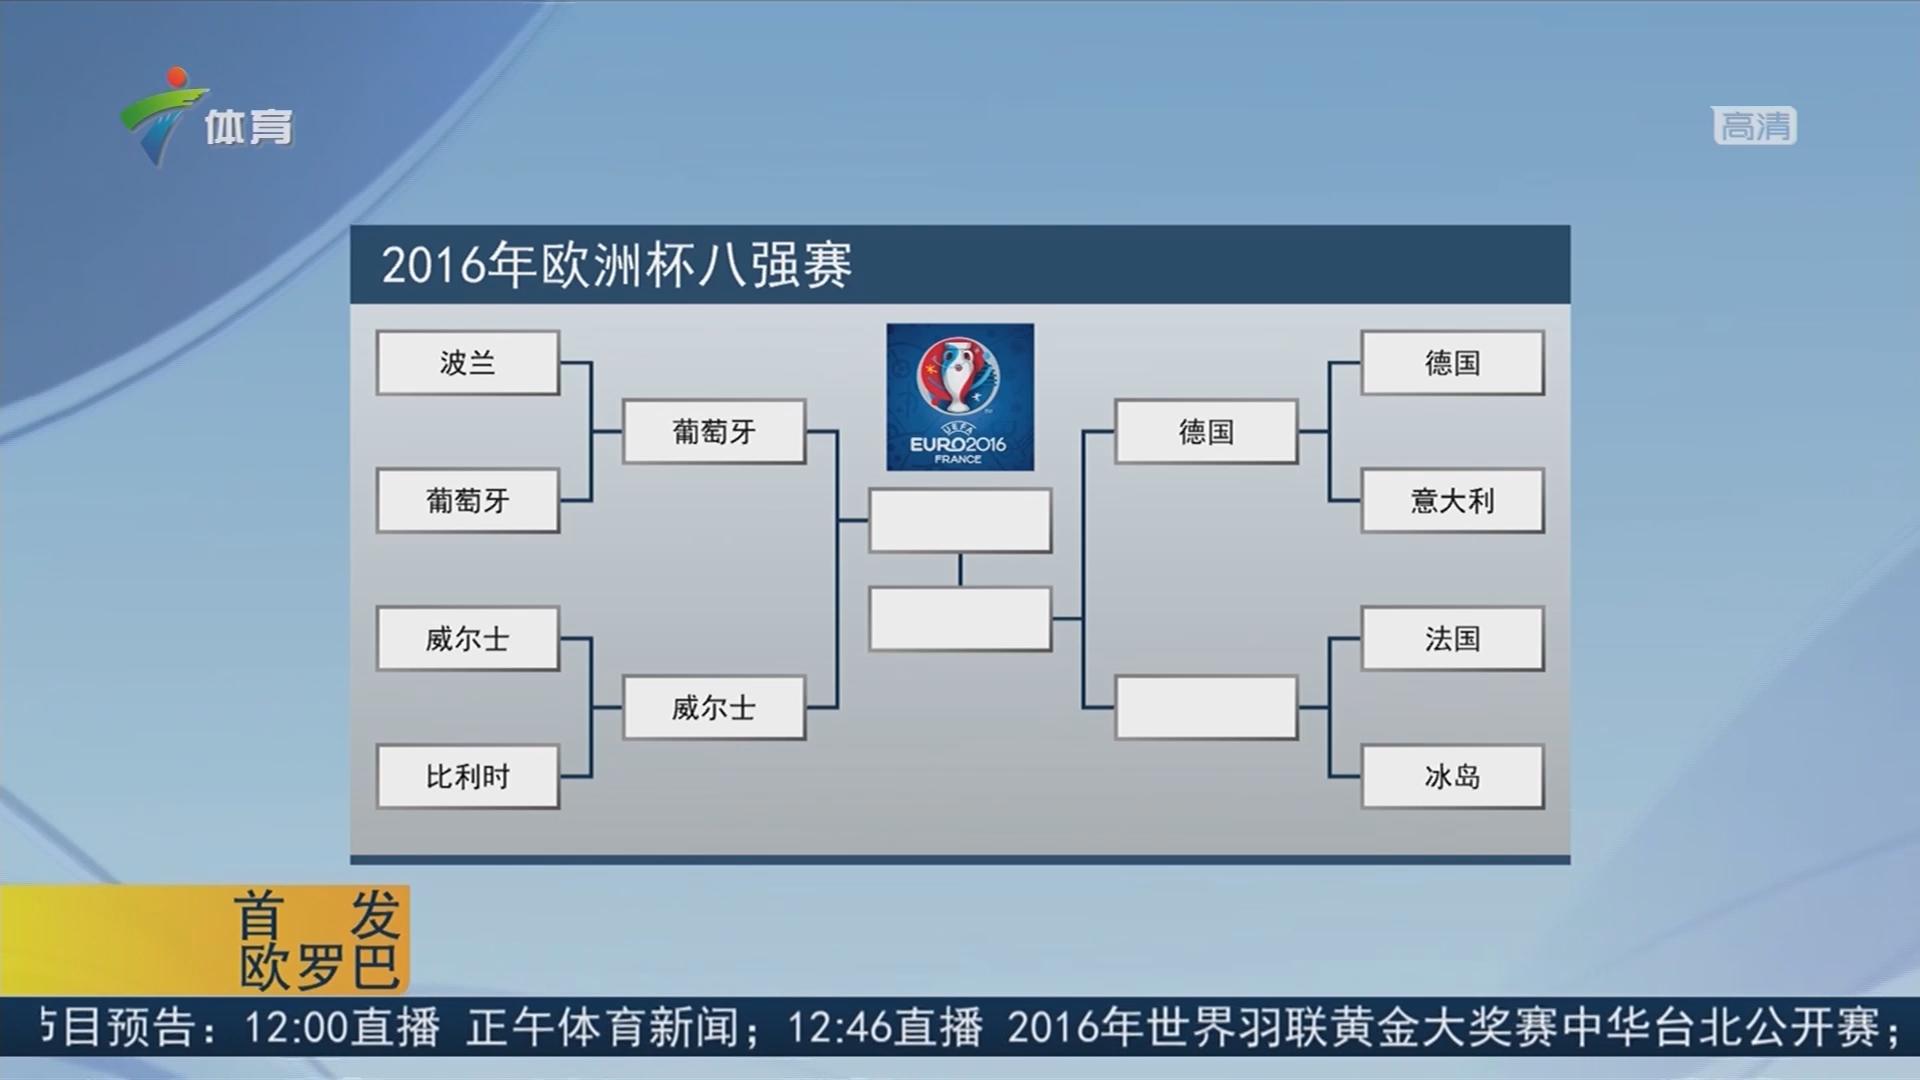 2016年欧洲杯八强赛